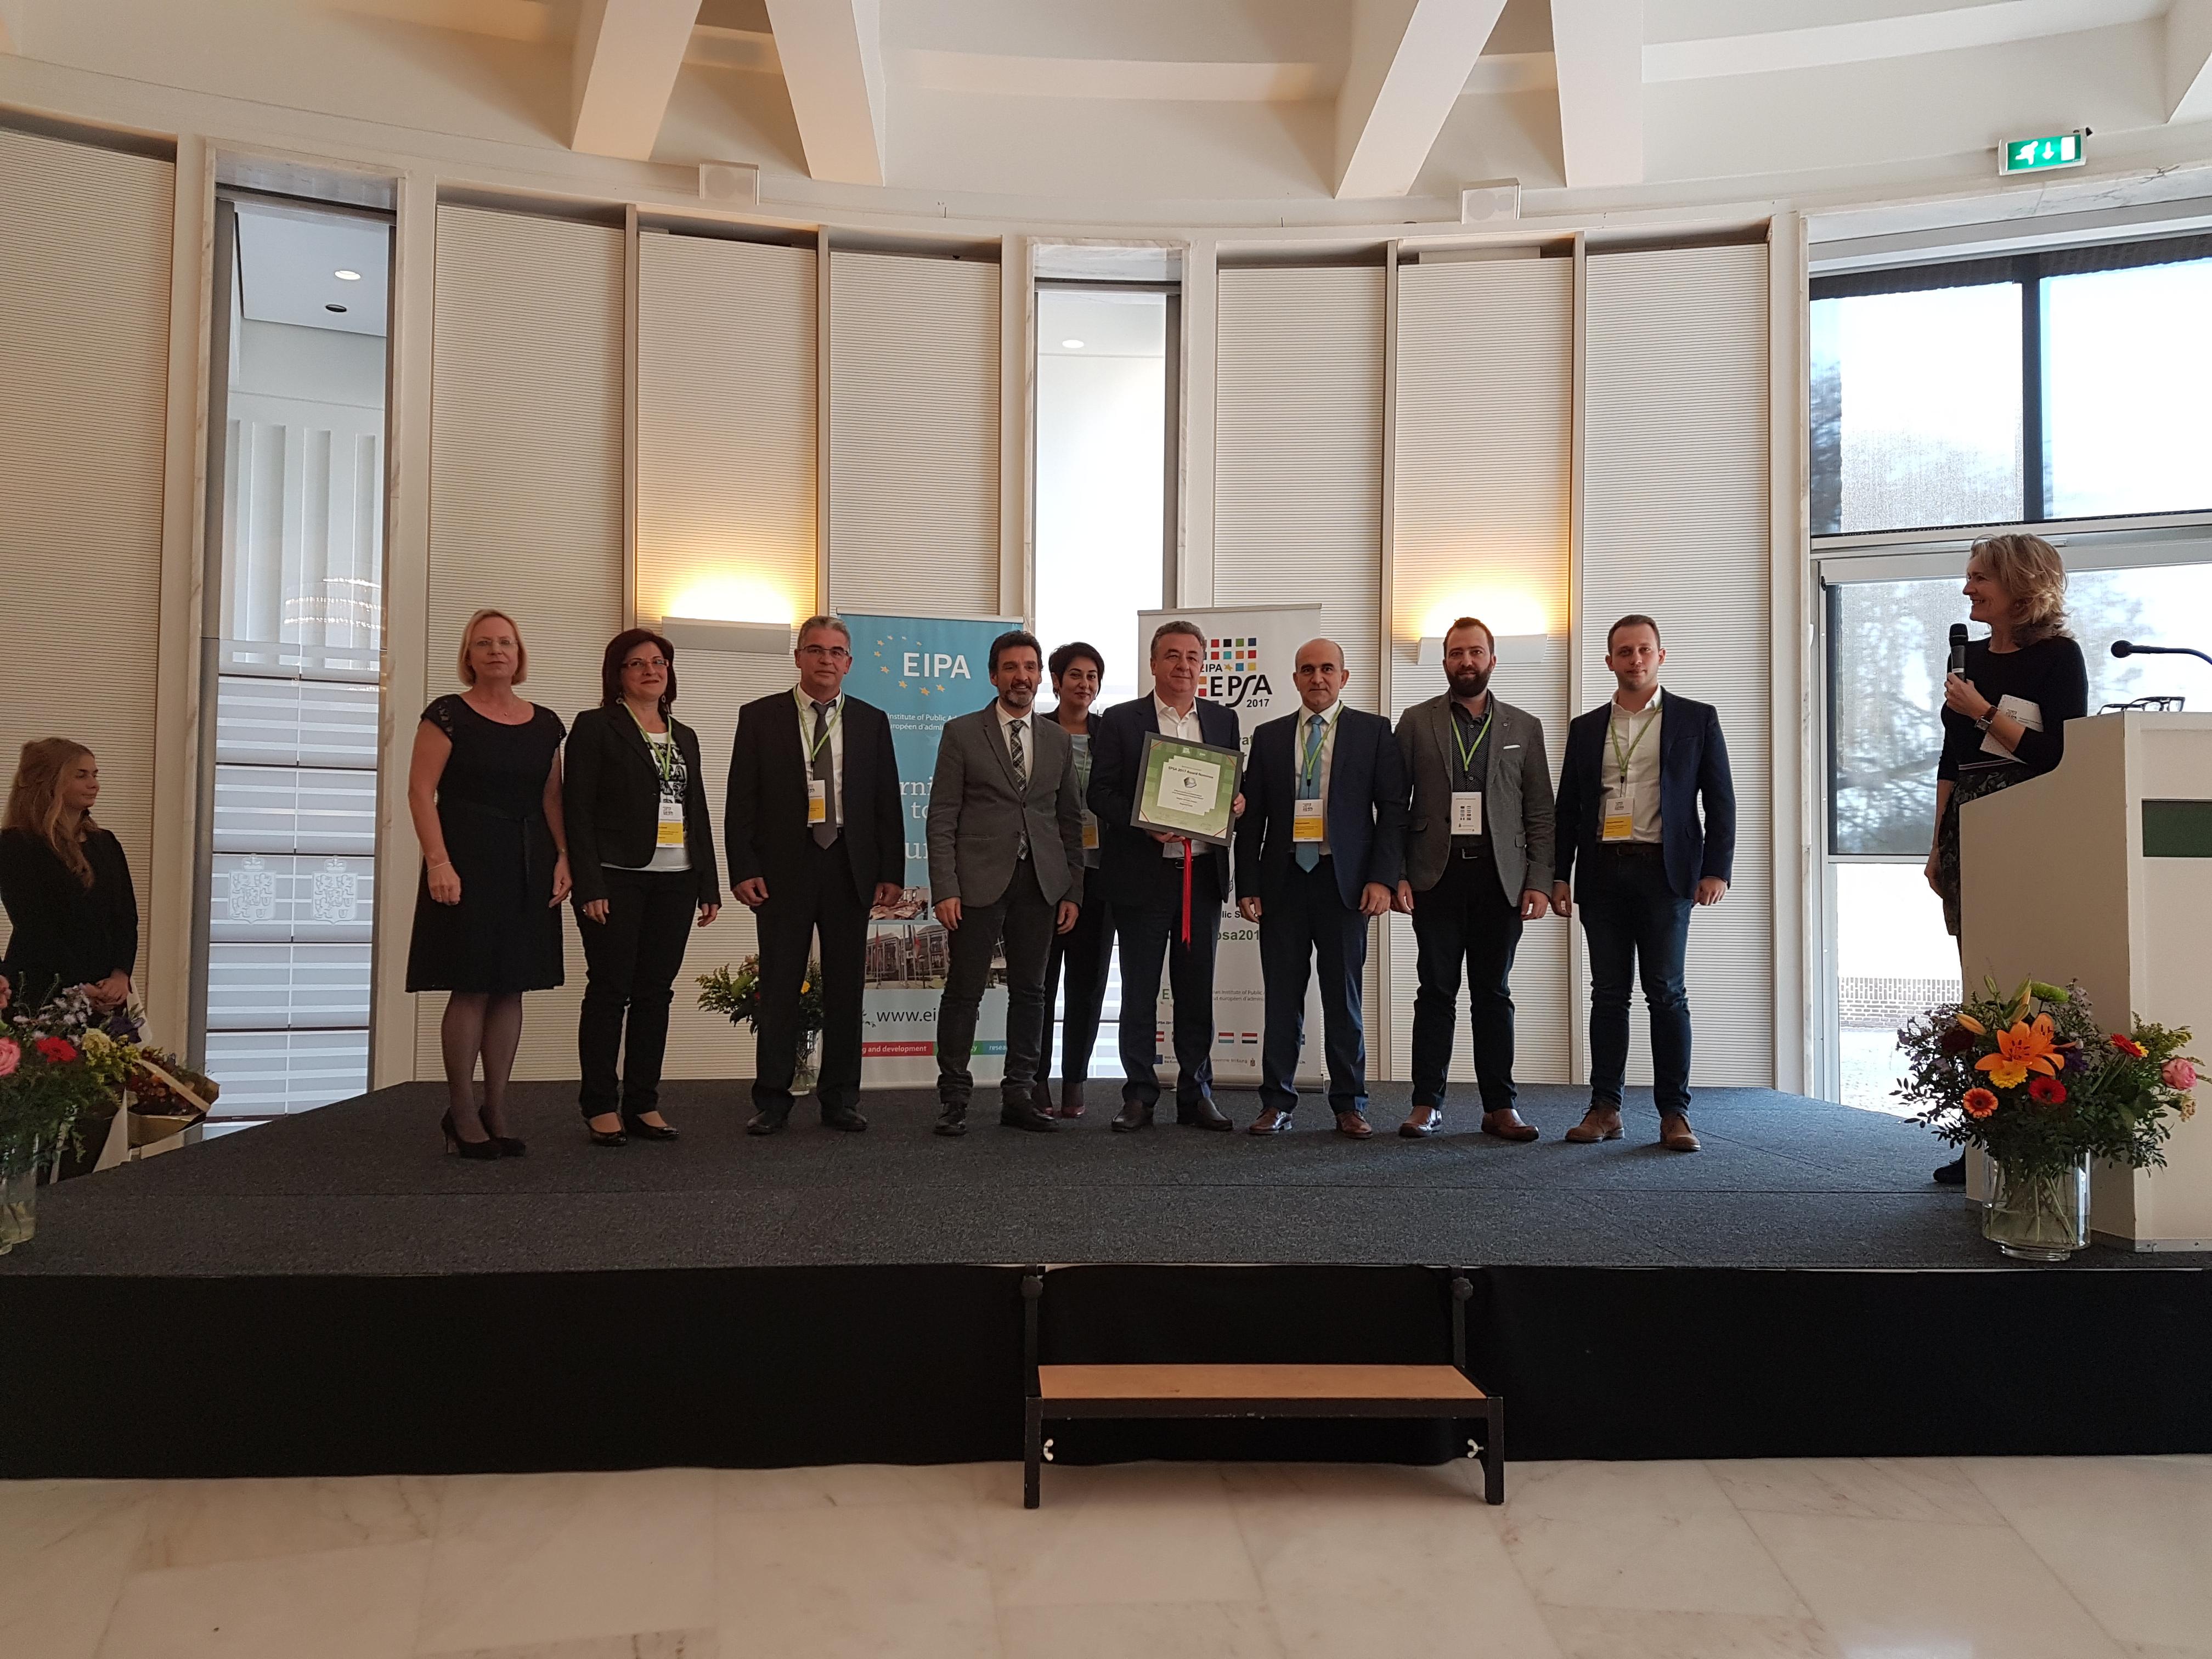 «Αργυρό» Πανευρωπαϊκό βραβείο Δημόσιας Διοίκησης για την Περιφέρεια Κρήτης στον «τελικό» ...της Ολλανδίας